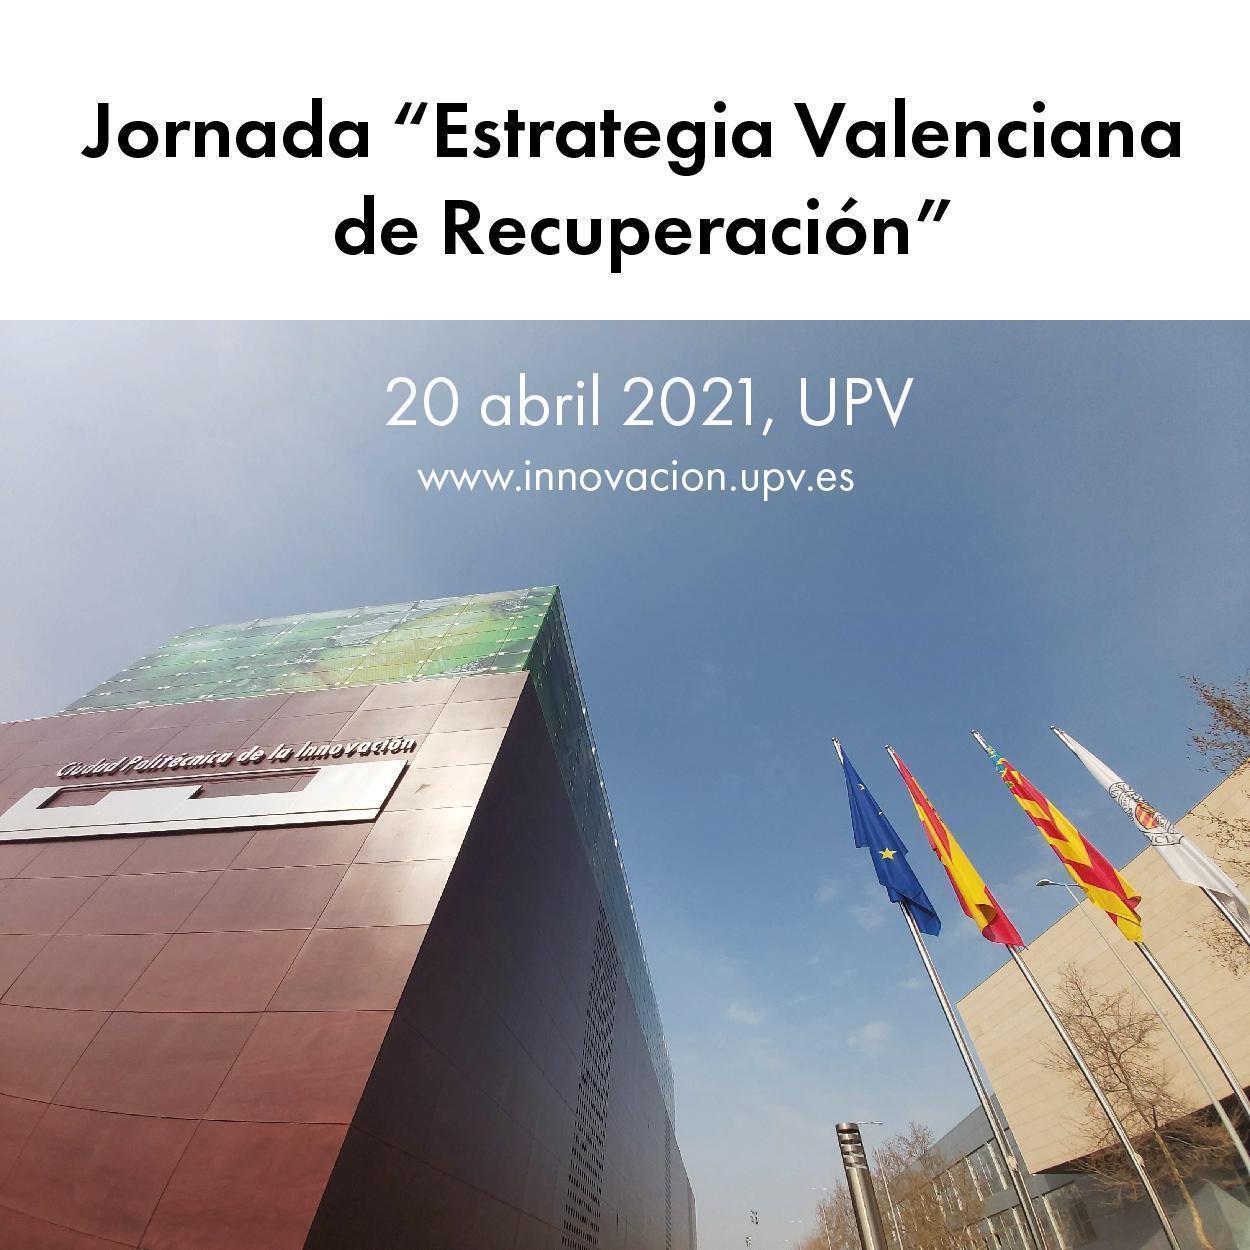 Jornada Estrategia Valenciana de Recuperación